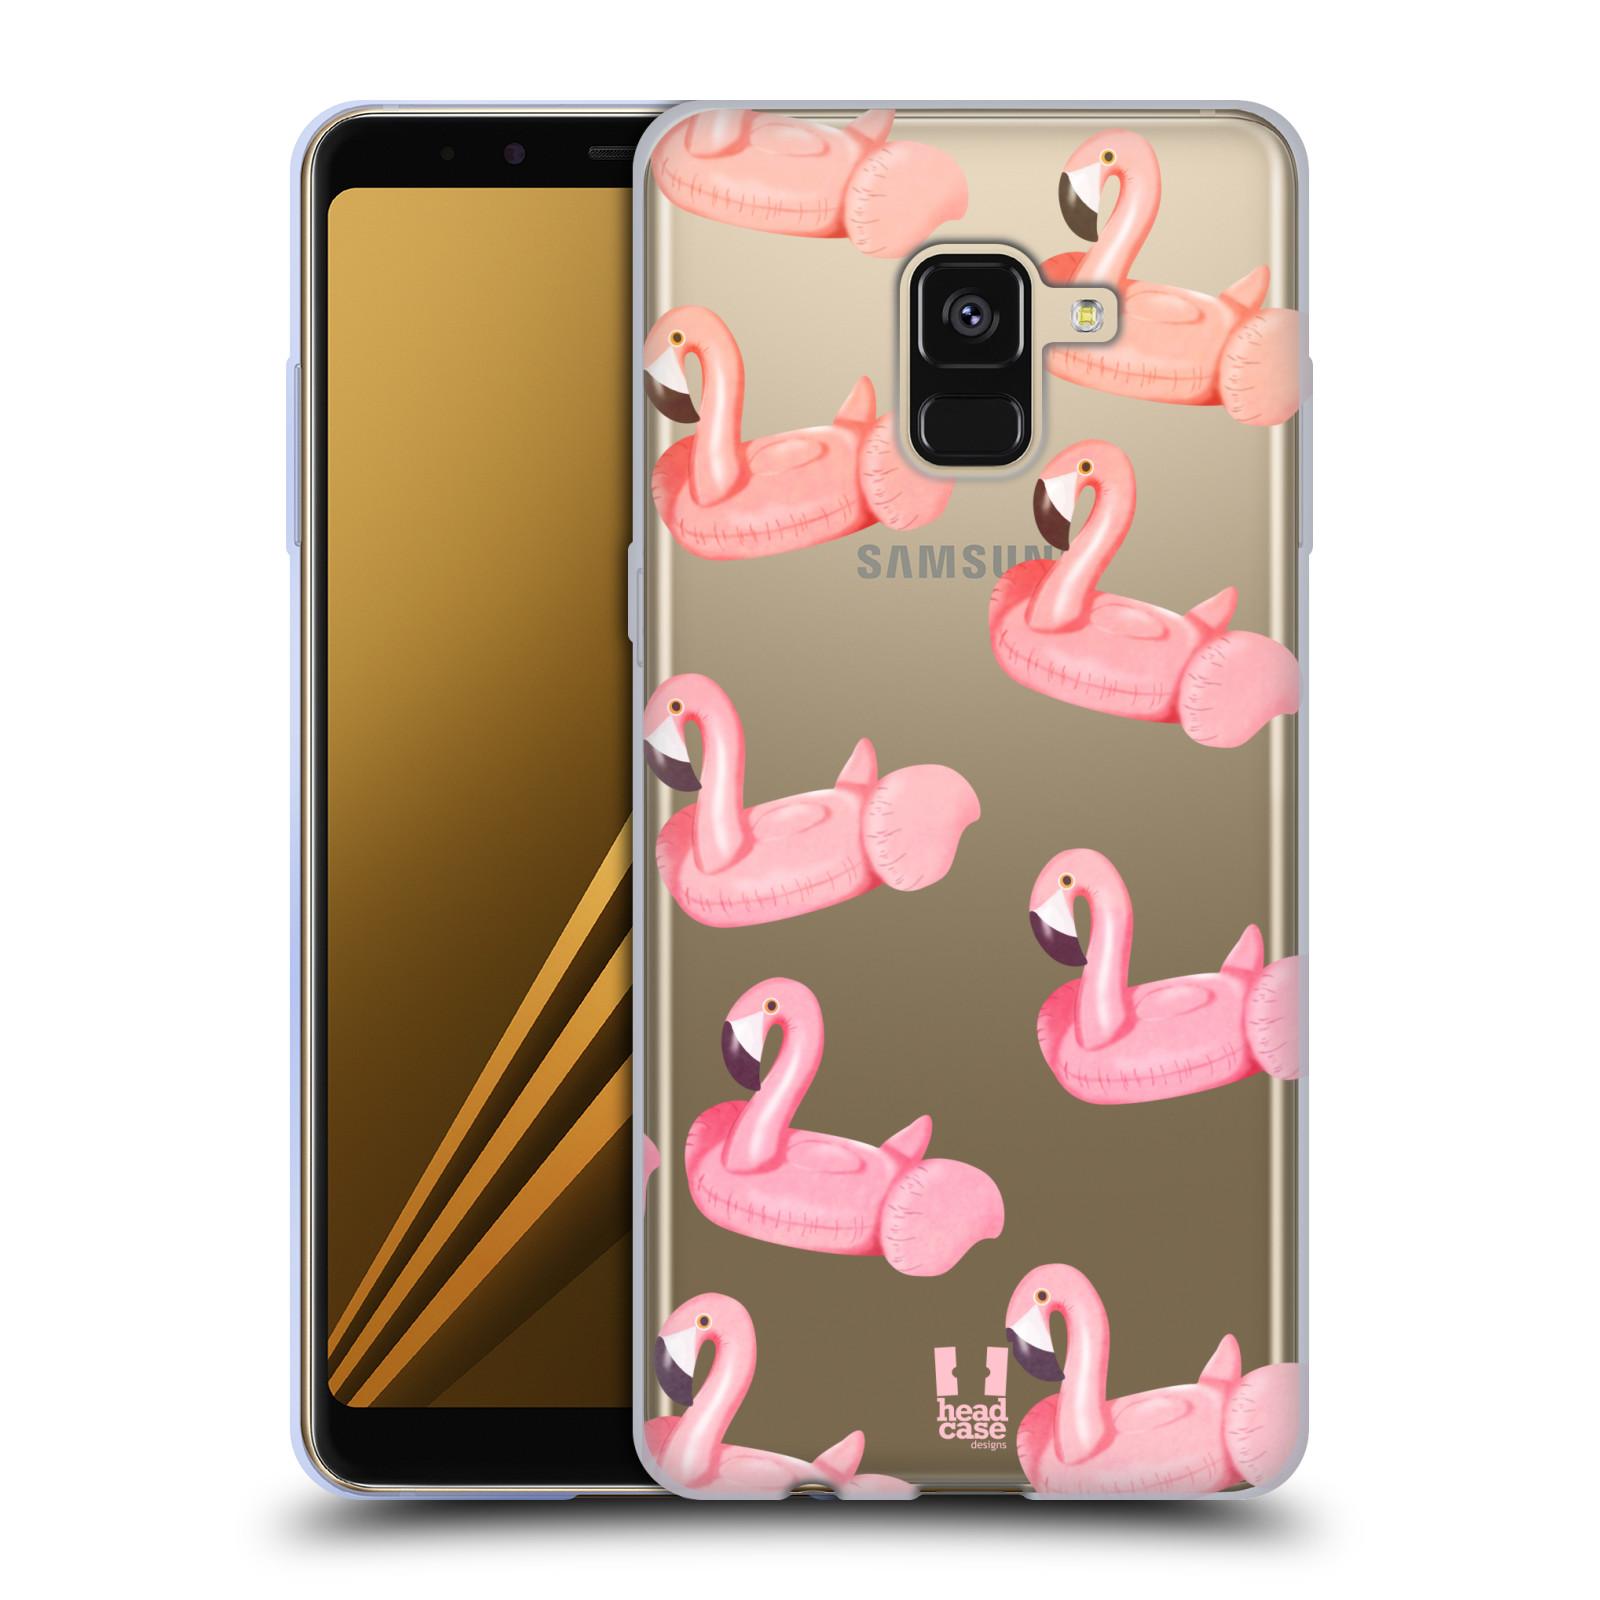 Silikonové pouzdro na mobil Samsung Galaxy A8 (2018) - Head Case - Kruh plaměňák